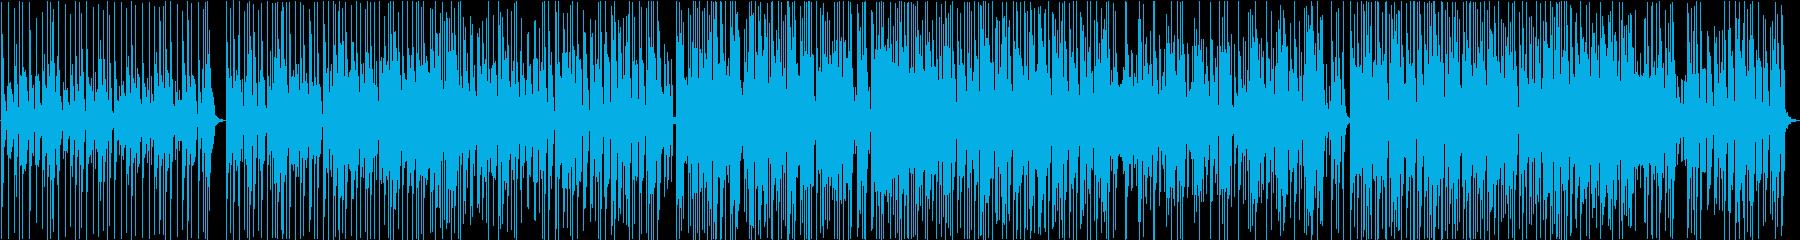 オシャレなジャズファンク風インストの再生済みの波形